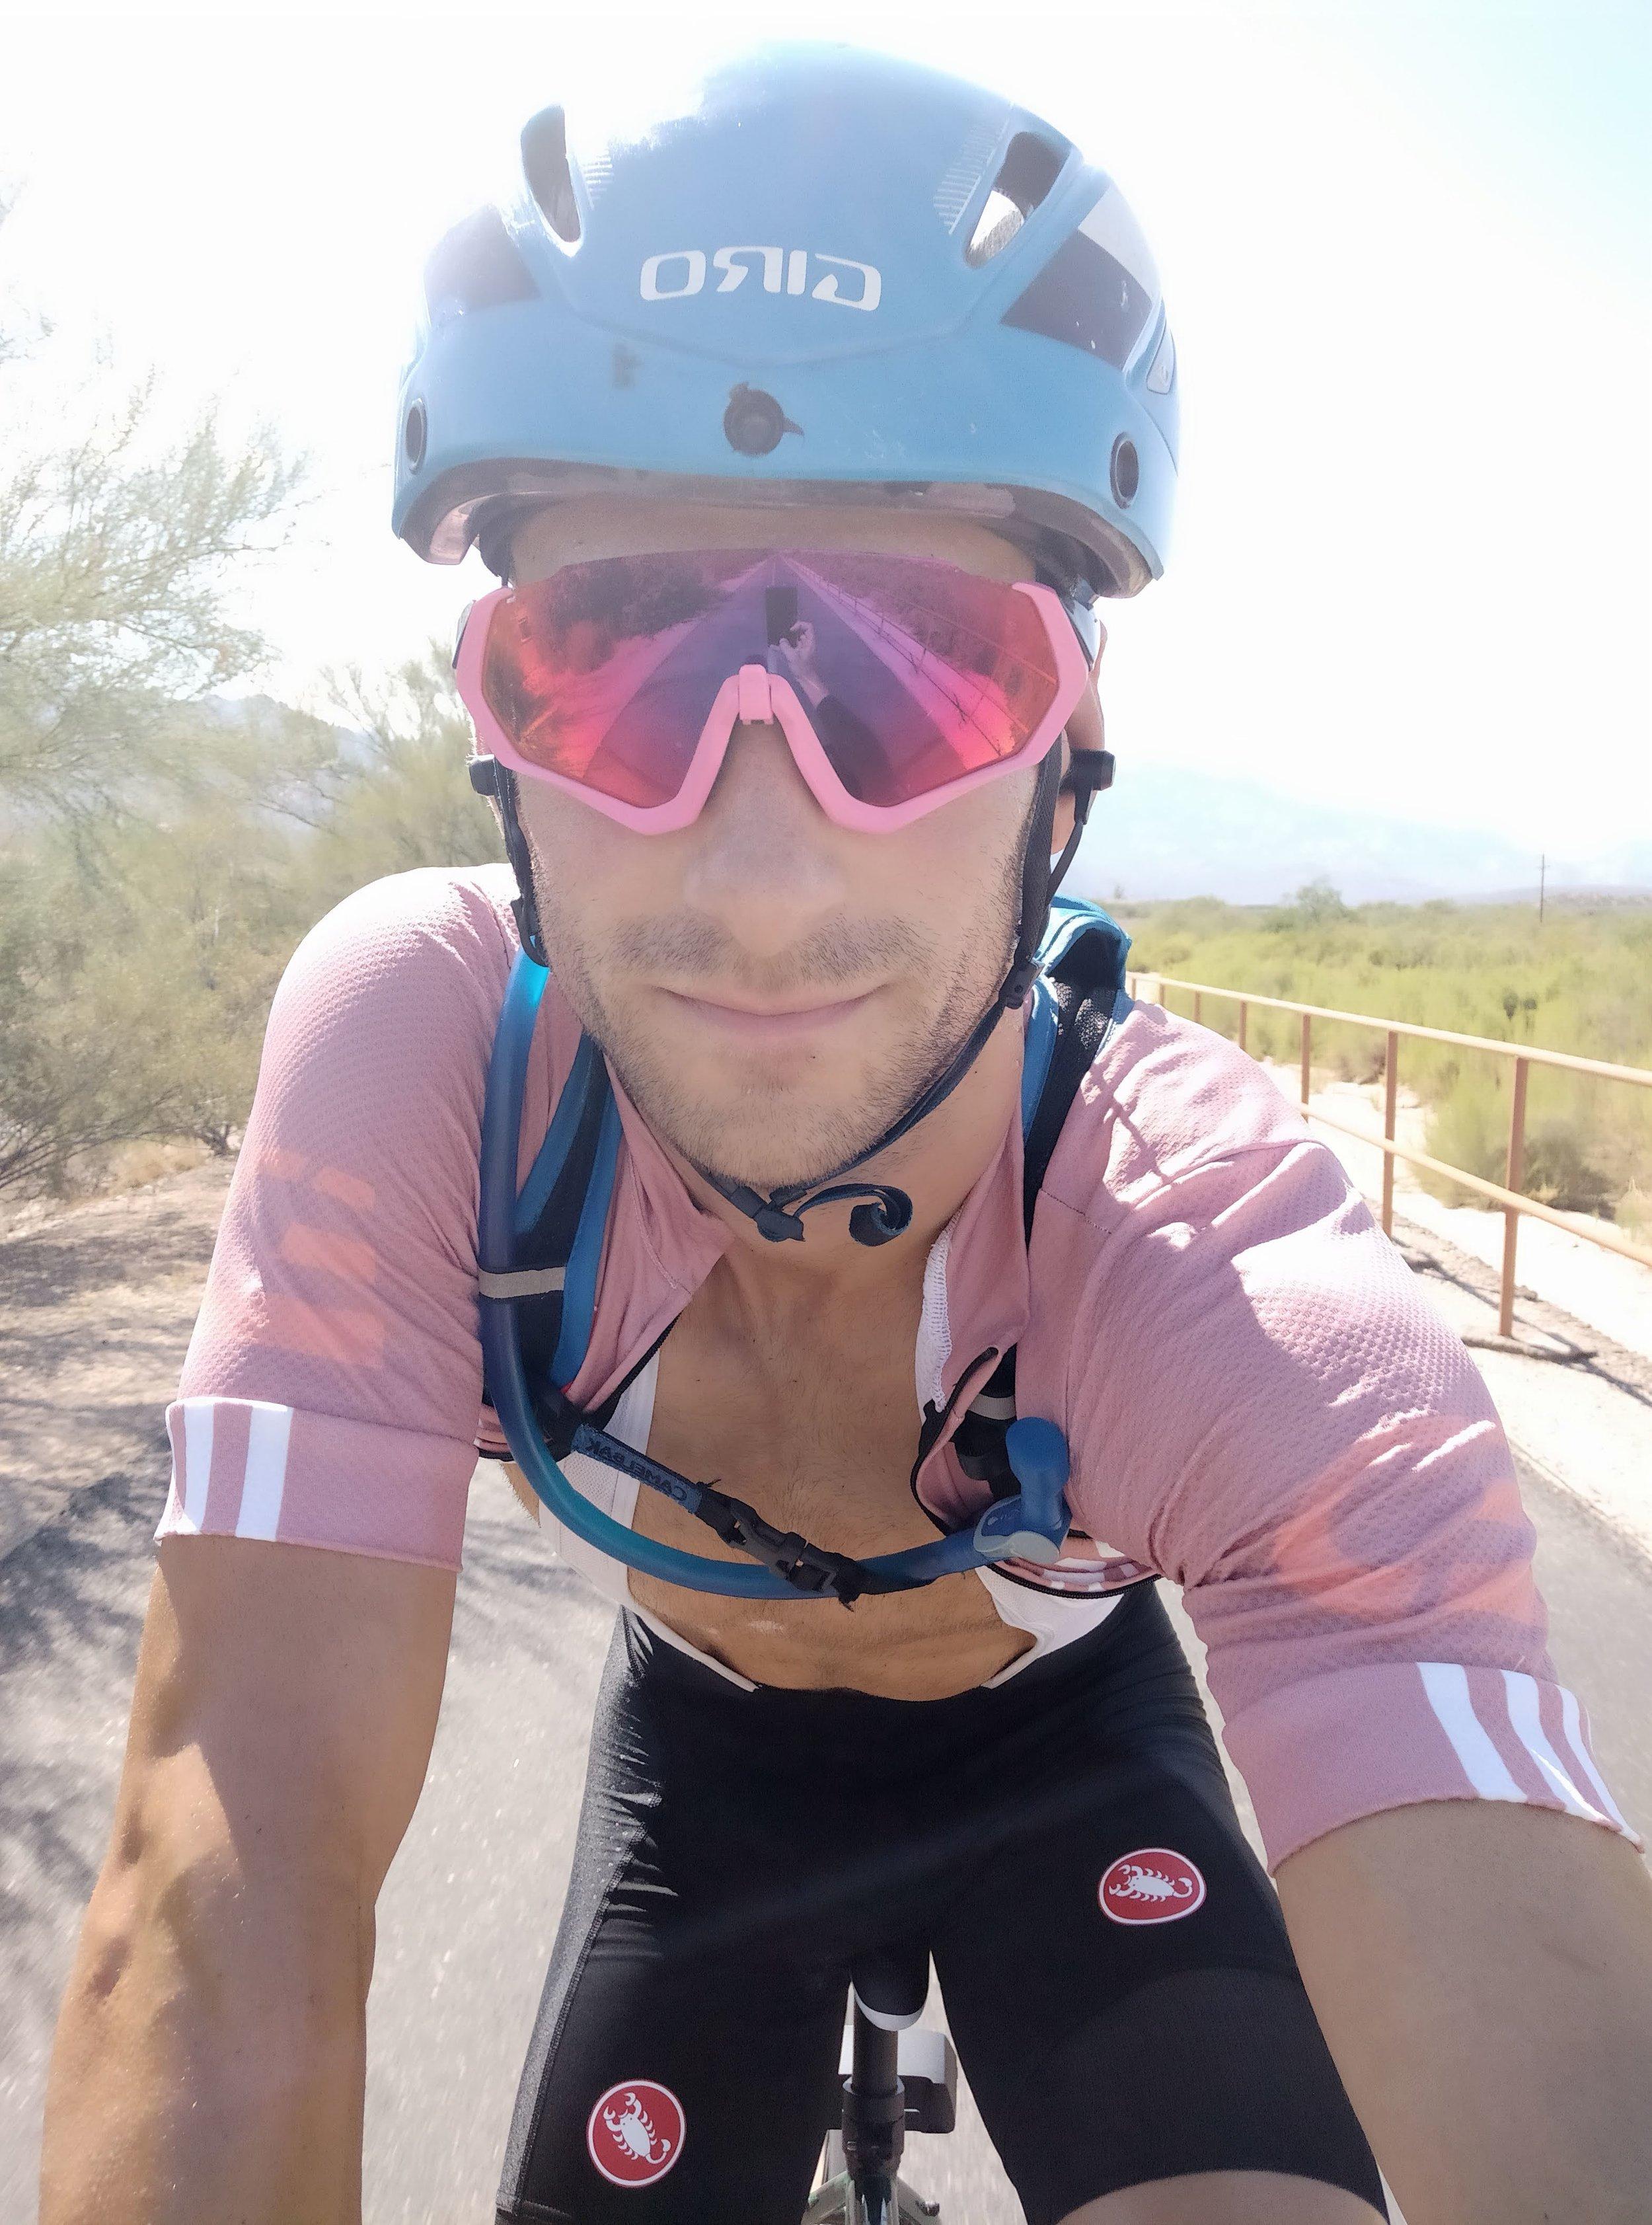 Triathlon cycling training